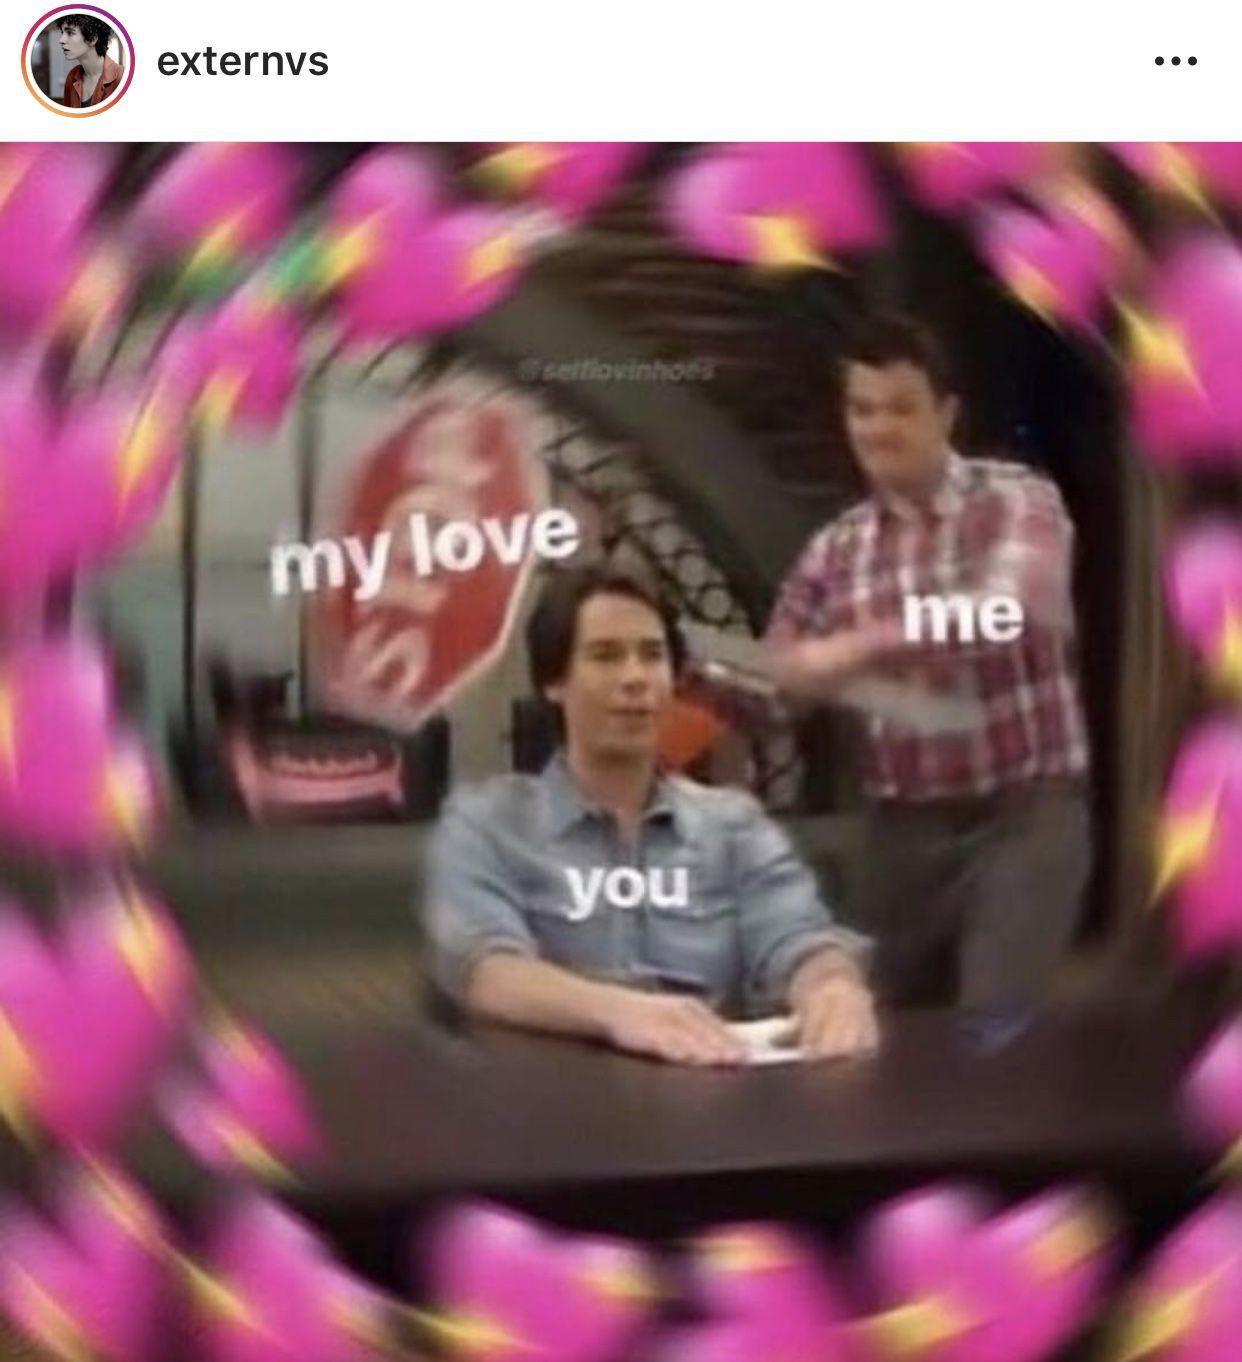 Feel Better Images For Love